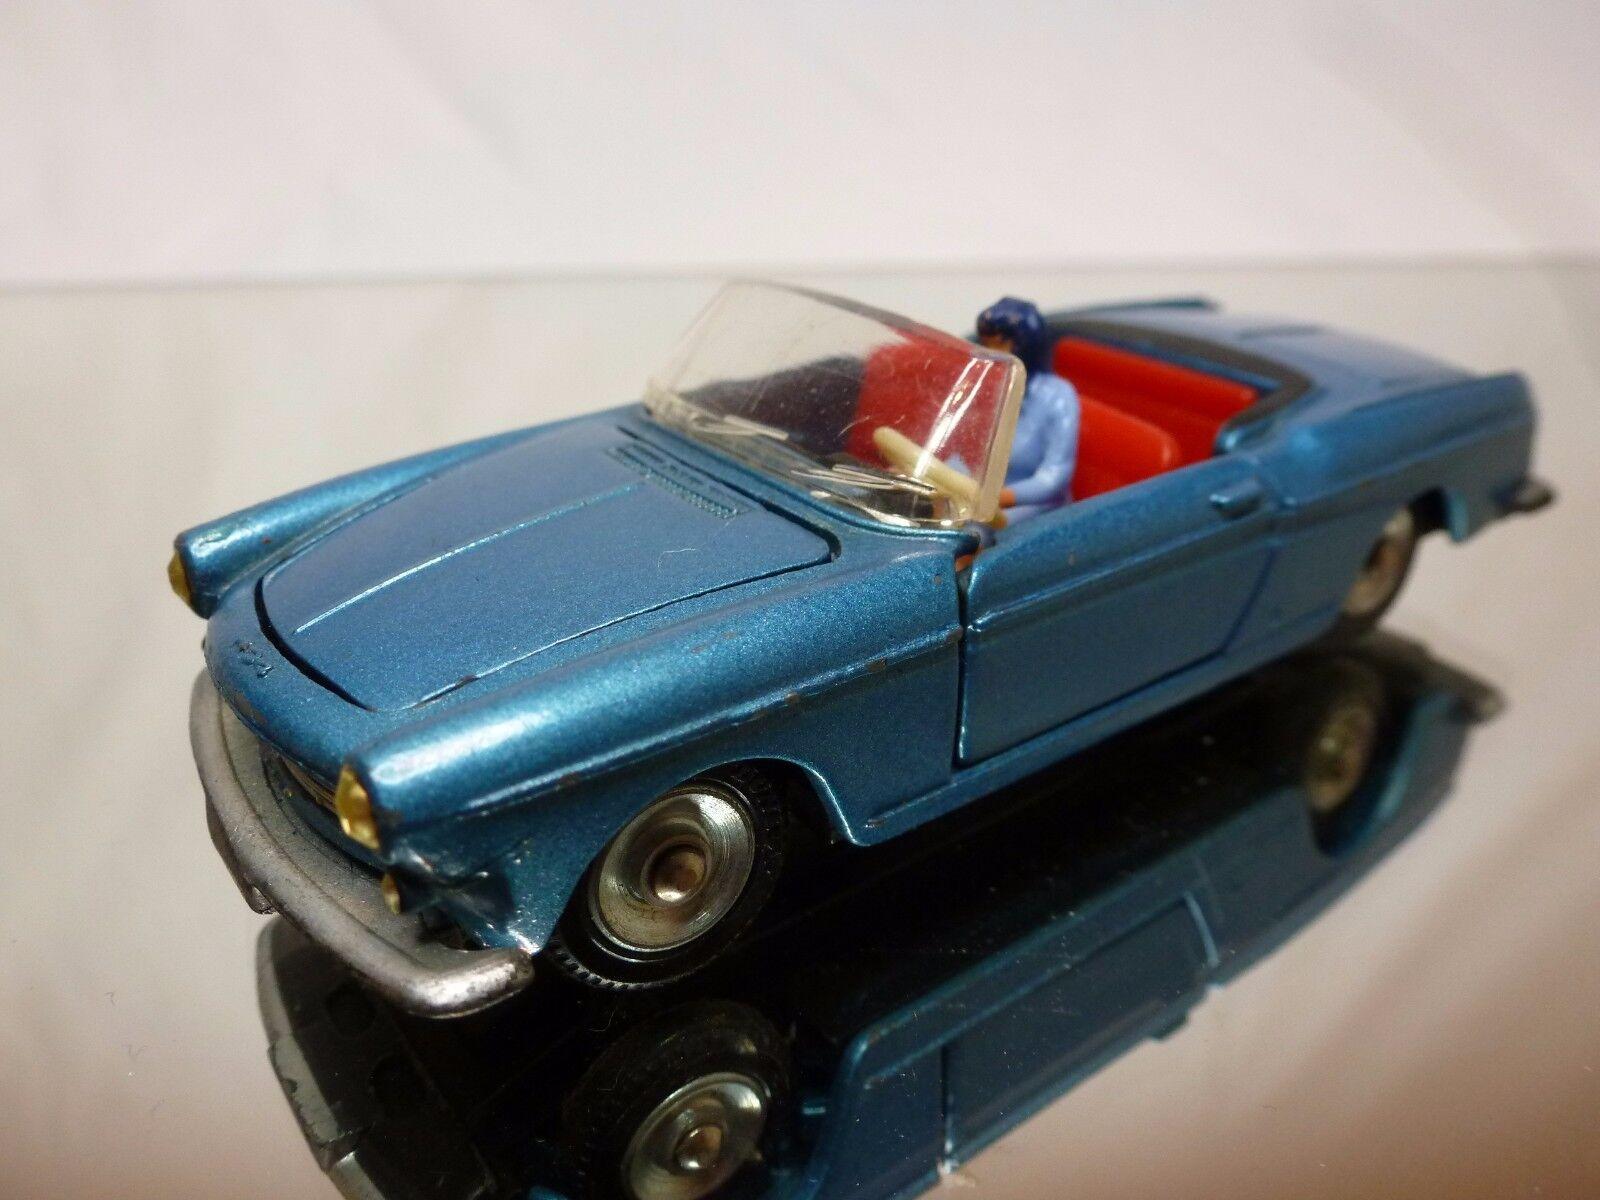 nuova esclusiva di fascia alta DINKY giocattoli  528 PEUGEOT 404 CABRIOLET PININFARINA - - - blu 1 43 RARE - EXCELLENT  migliori prezzi e stili più freschi